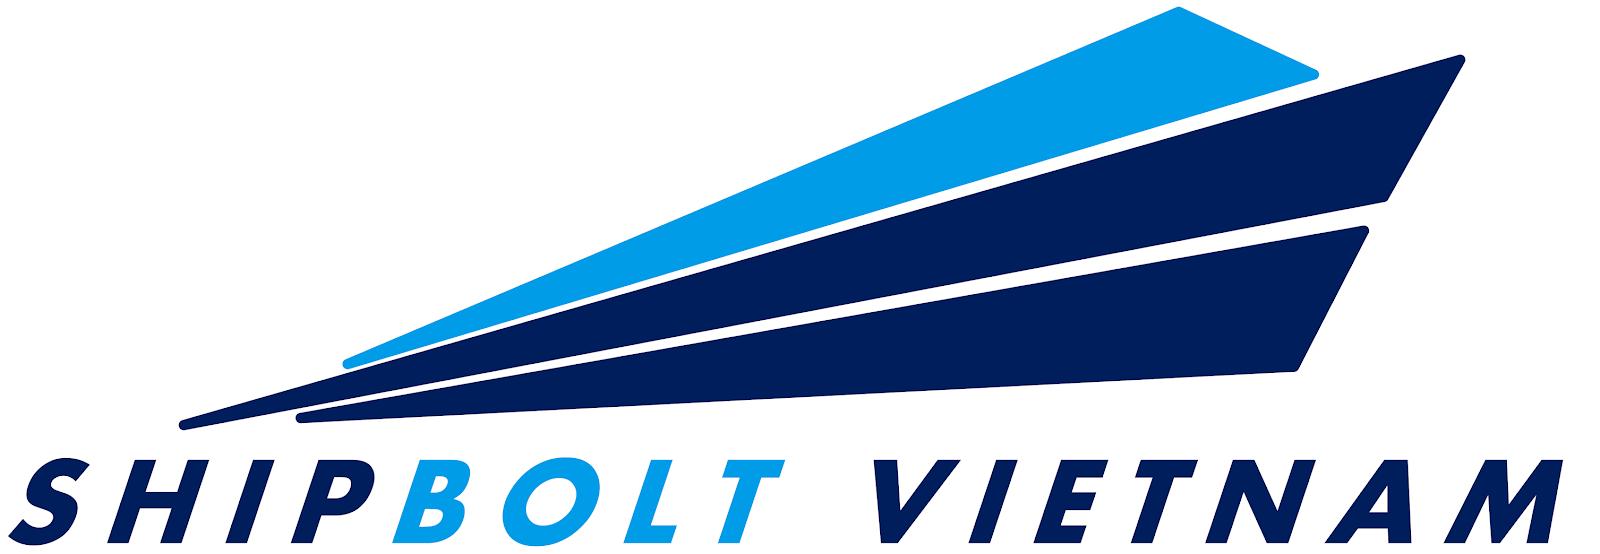 SHIPBOLT VIETNAM